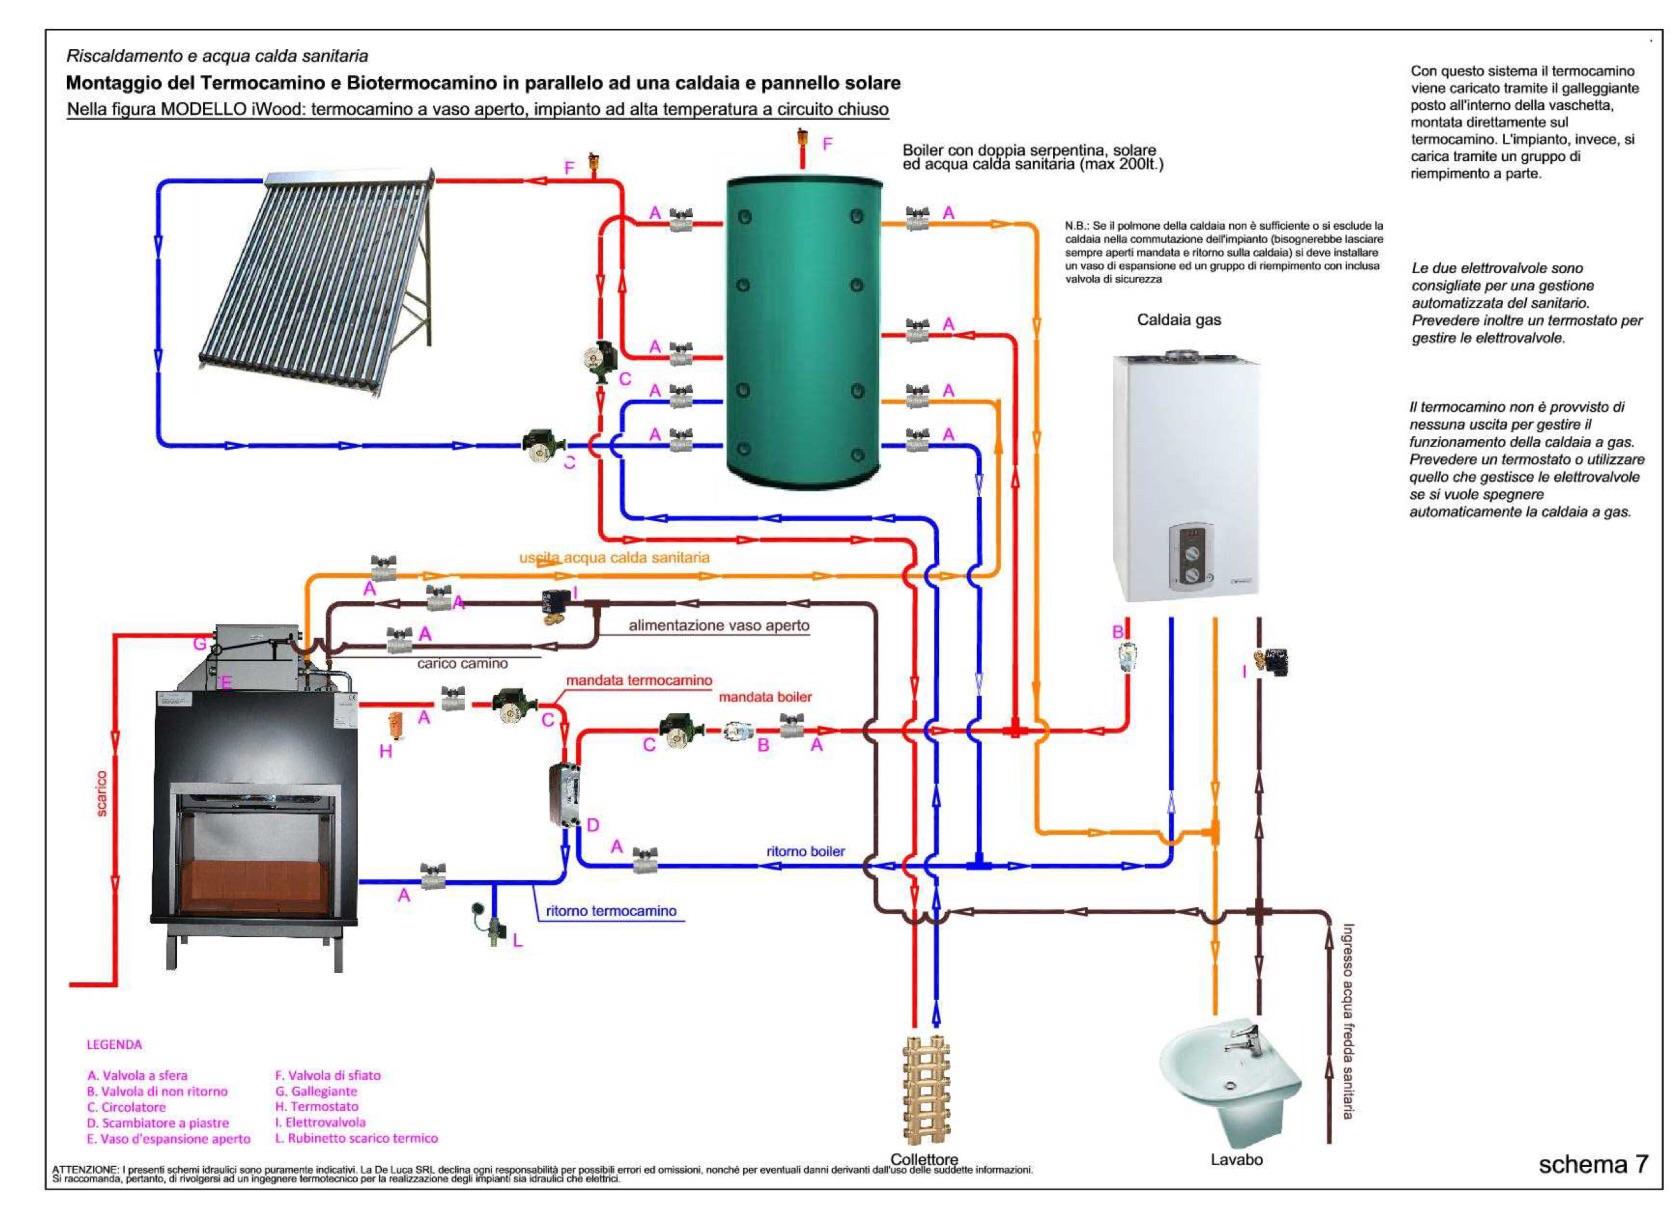 Pannello Solare A Vaso Aperto : Scelta puffer pagina stufe termostufe termocamini